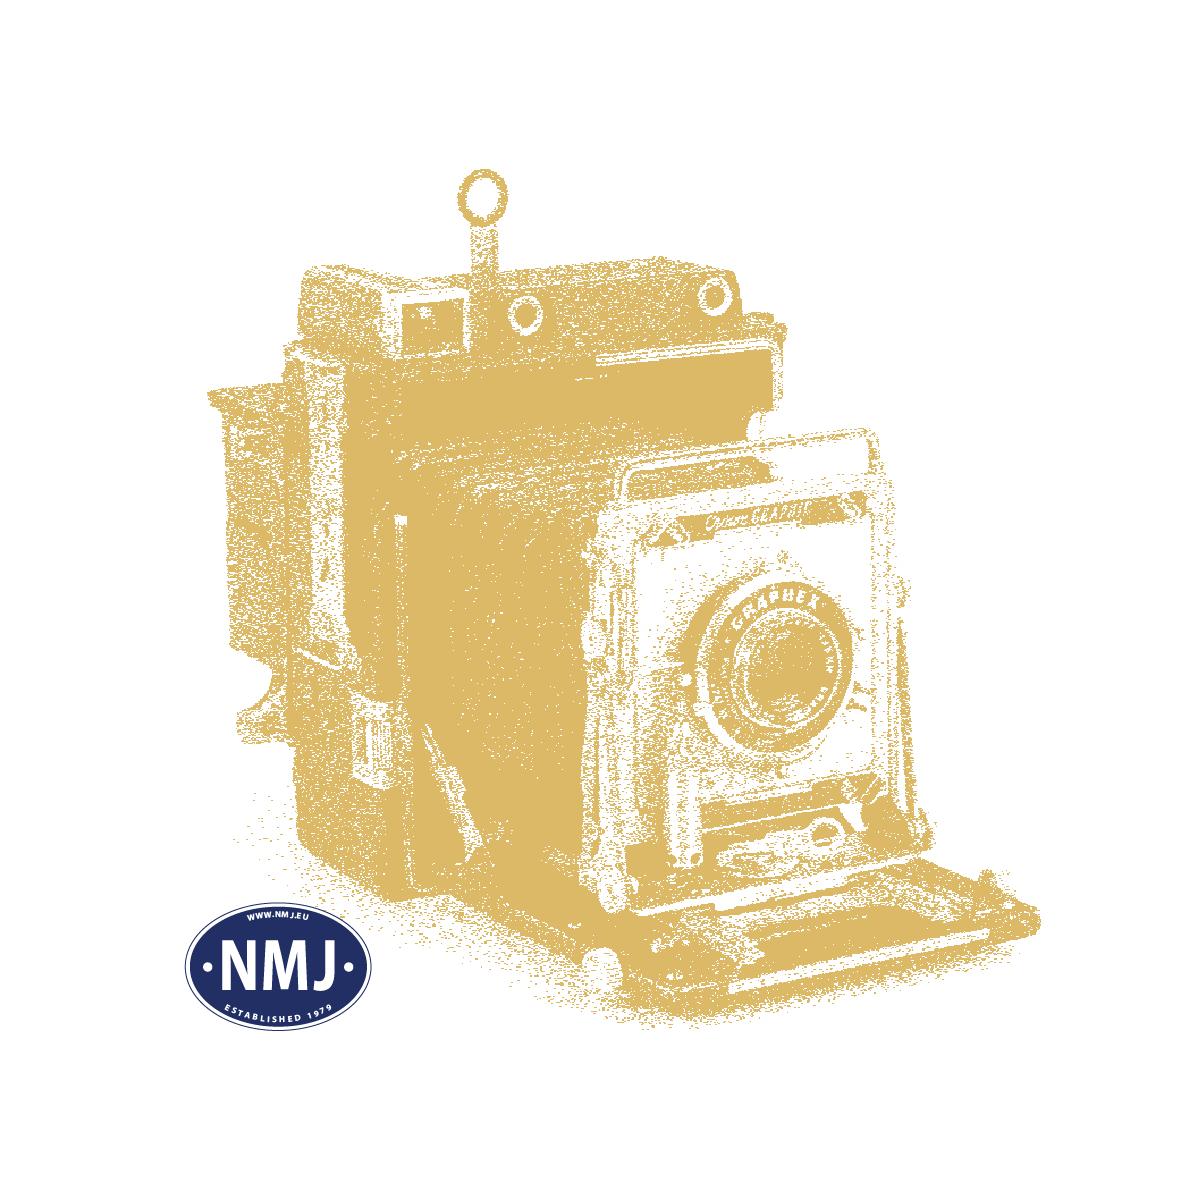 NMJT90203 - NMJ Topline MAV M61.006, Nohab DC